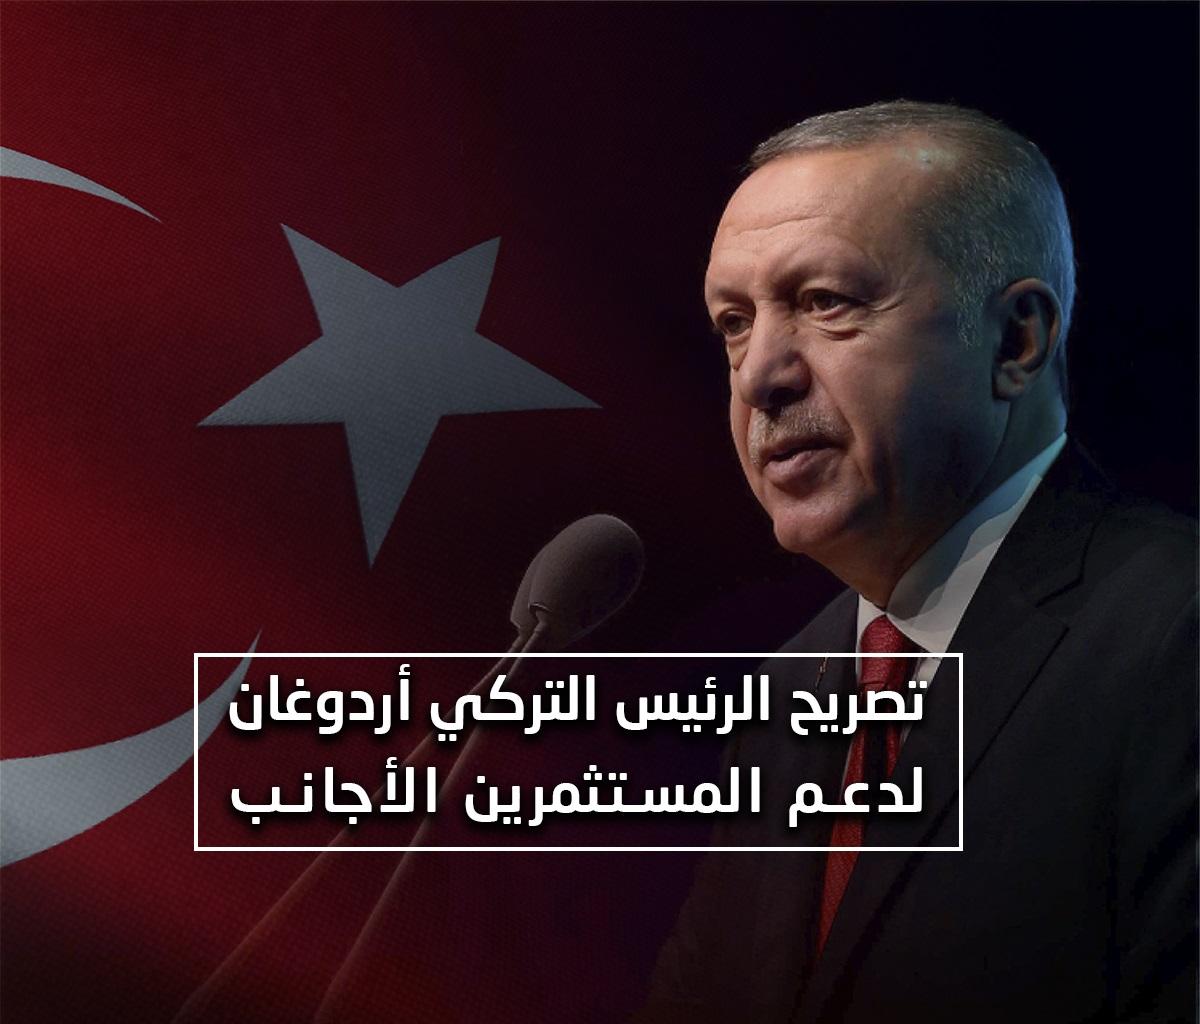 تصريح الرئيس التركي حول دعم المستثمرين الأجانب وحثهم على الاستثمار في تركيا...